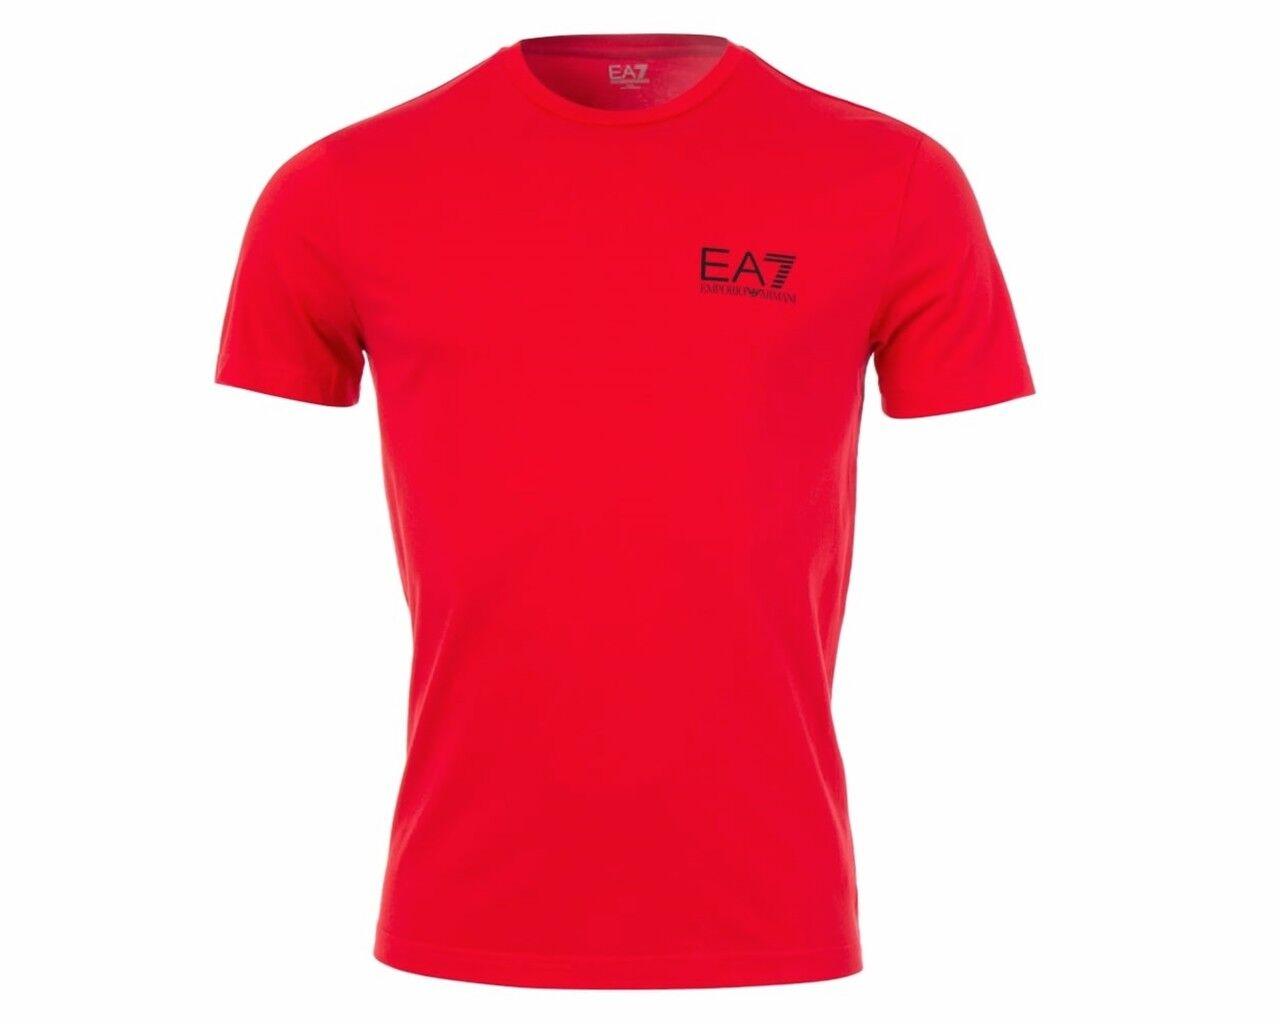 EMPORIO ARMANI 6YPT51 PJ30Z EA7 Girocollo Da Uomo T-shirt di colore rosso